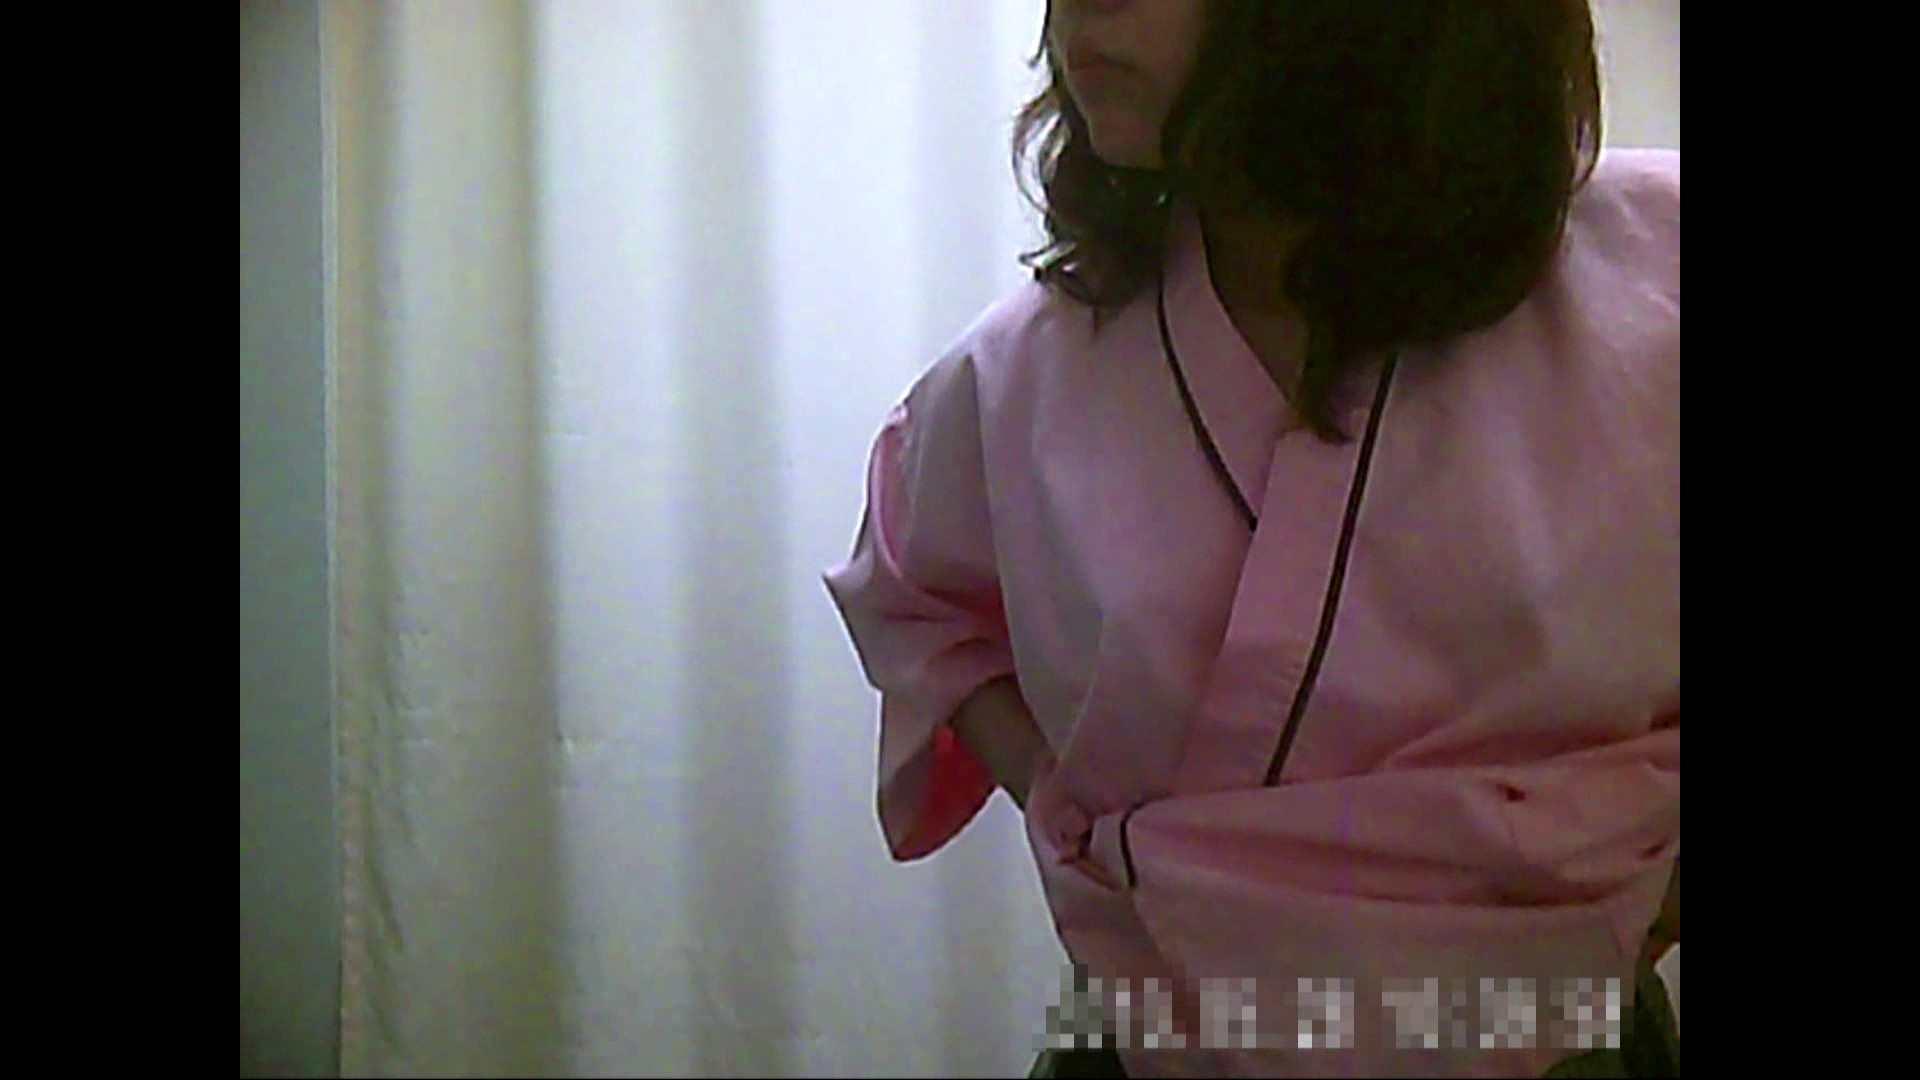 元医者による反抗 更衣室地獄絵巻 vol.043 OL | 0  43連発 28